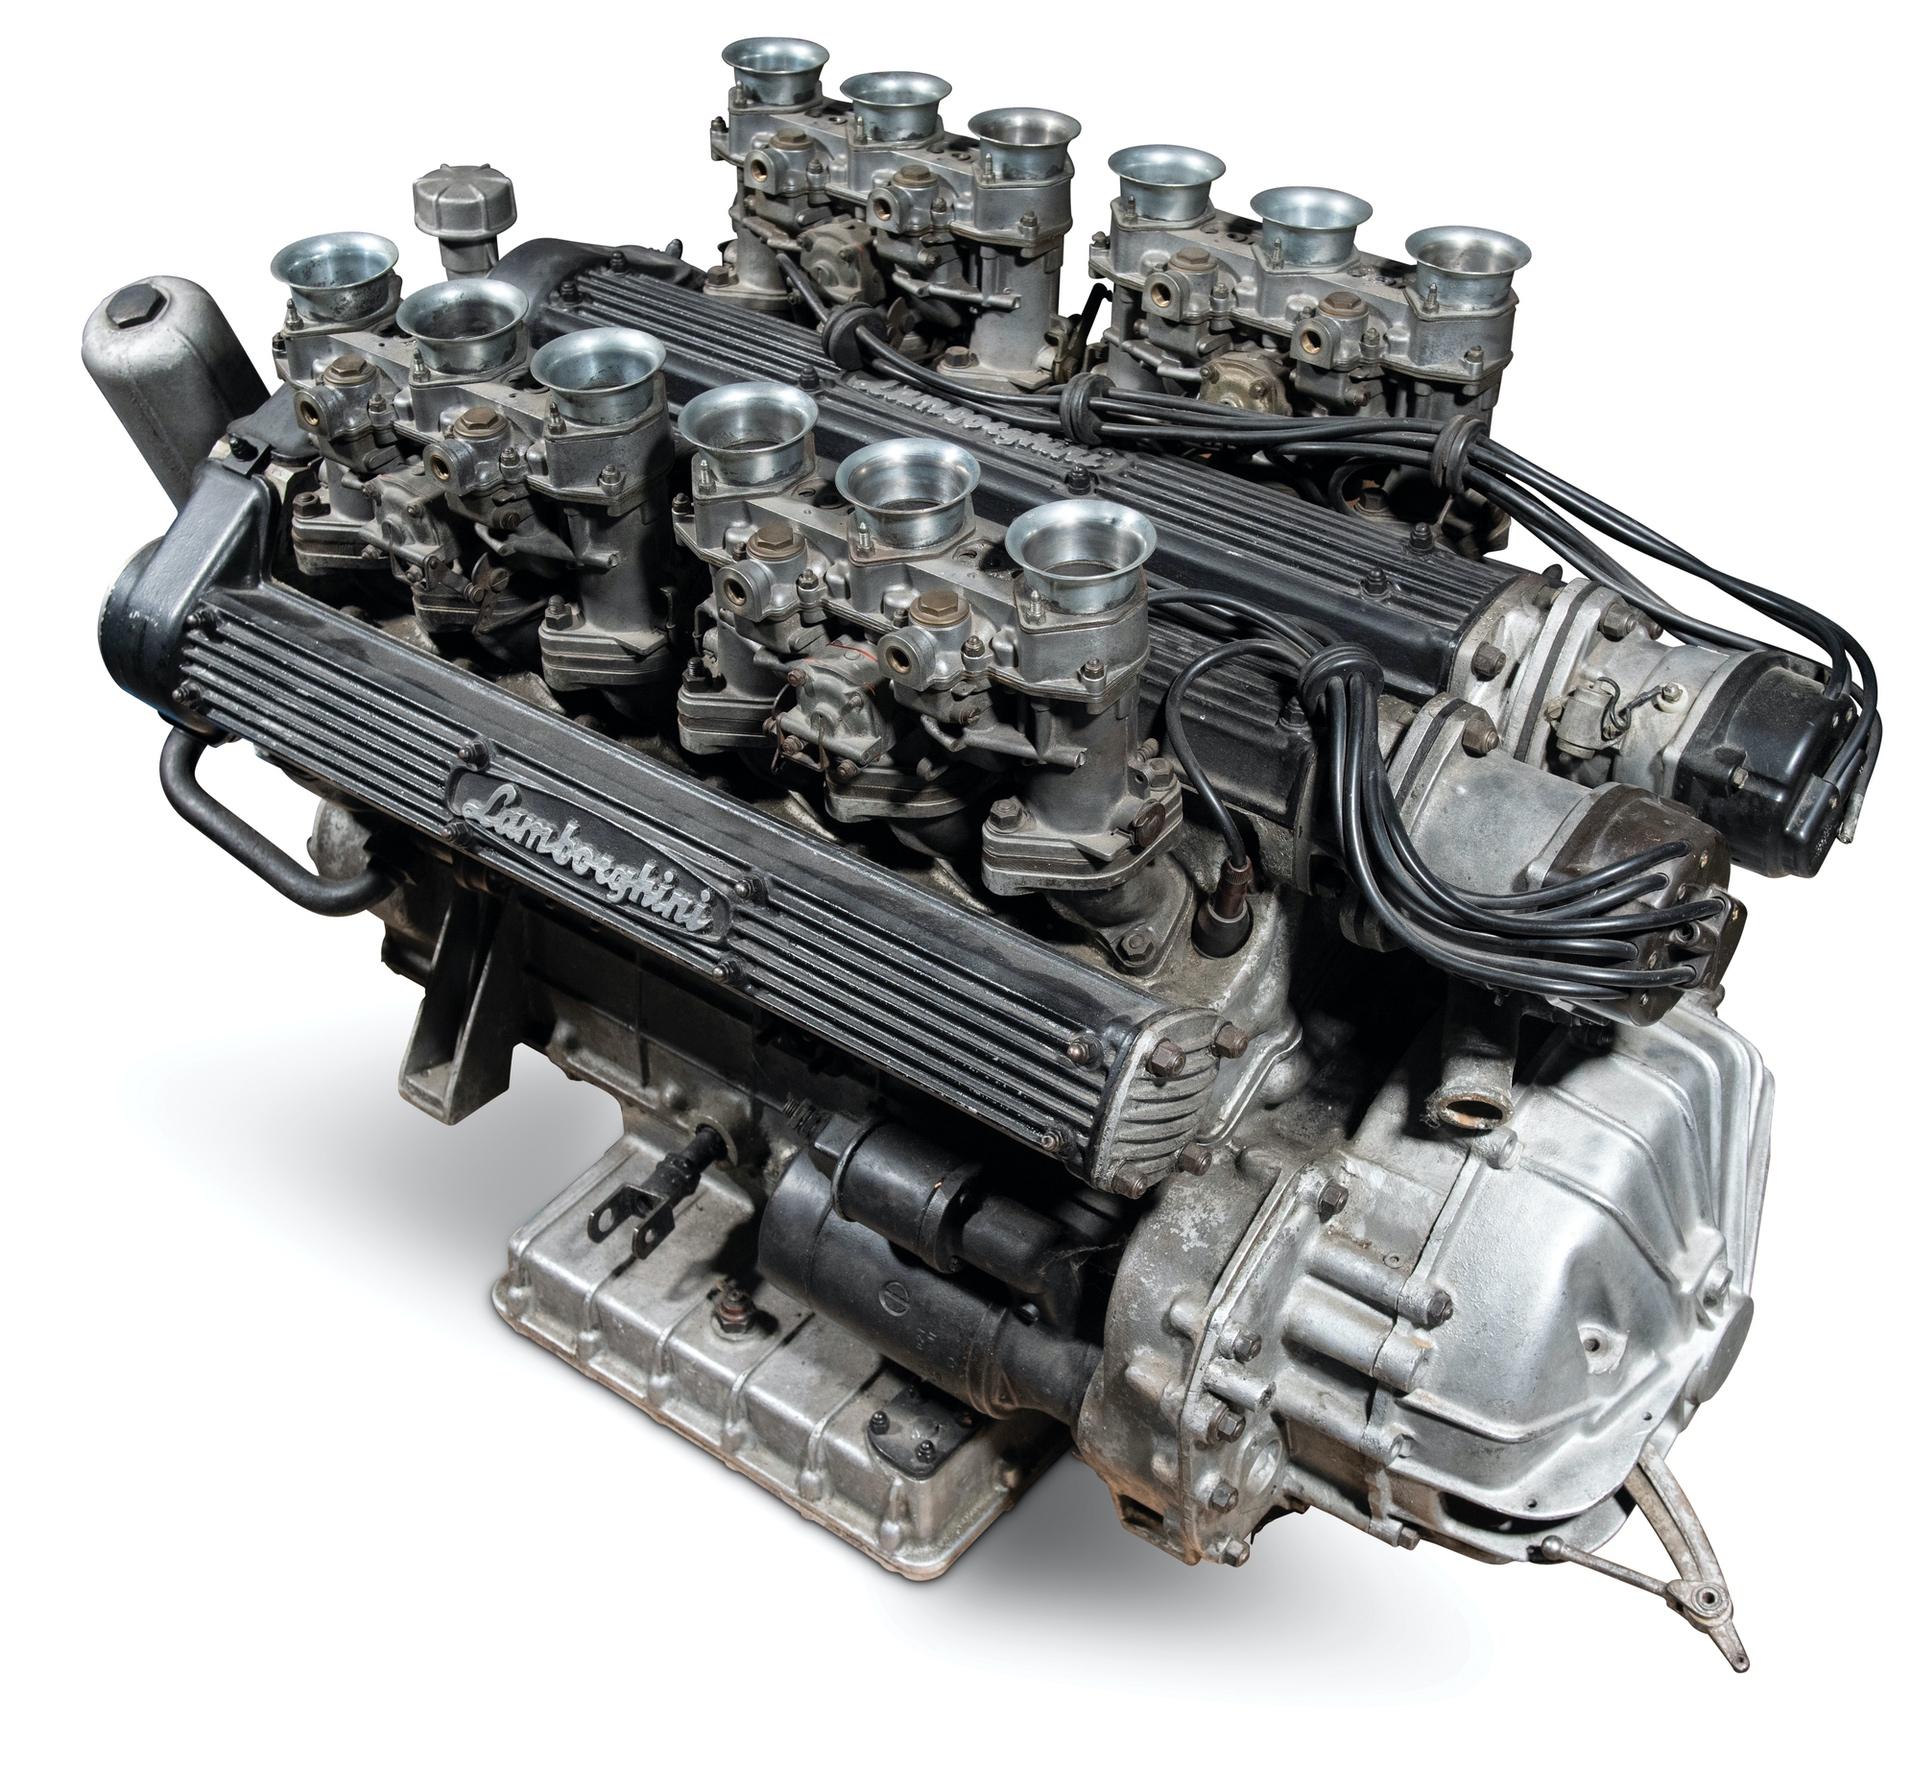 Lamborghini-Miura-P400-Engine-1967_0